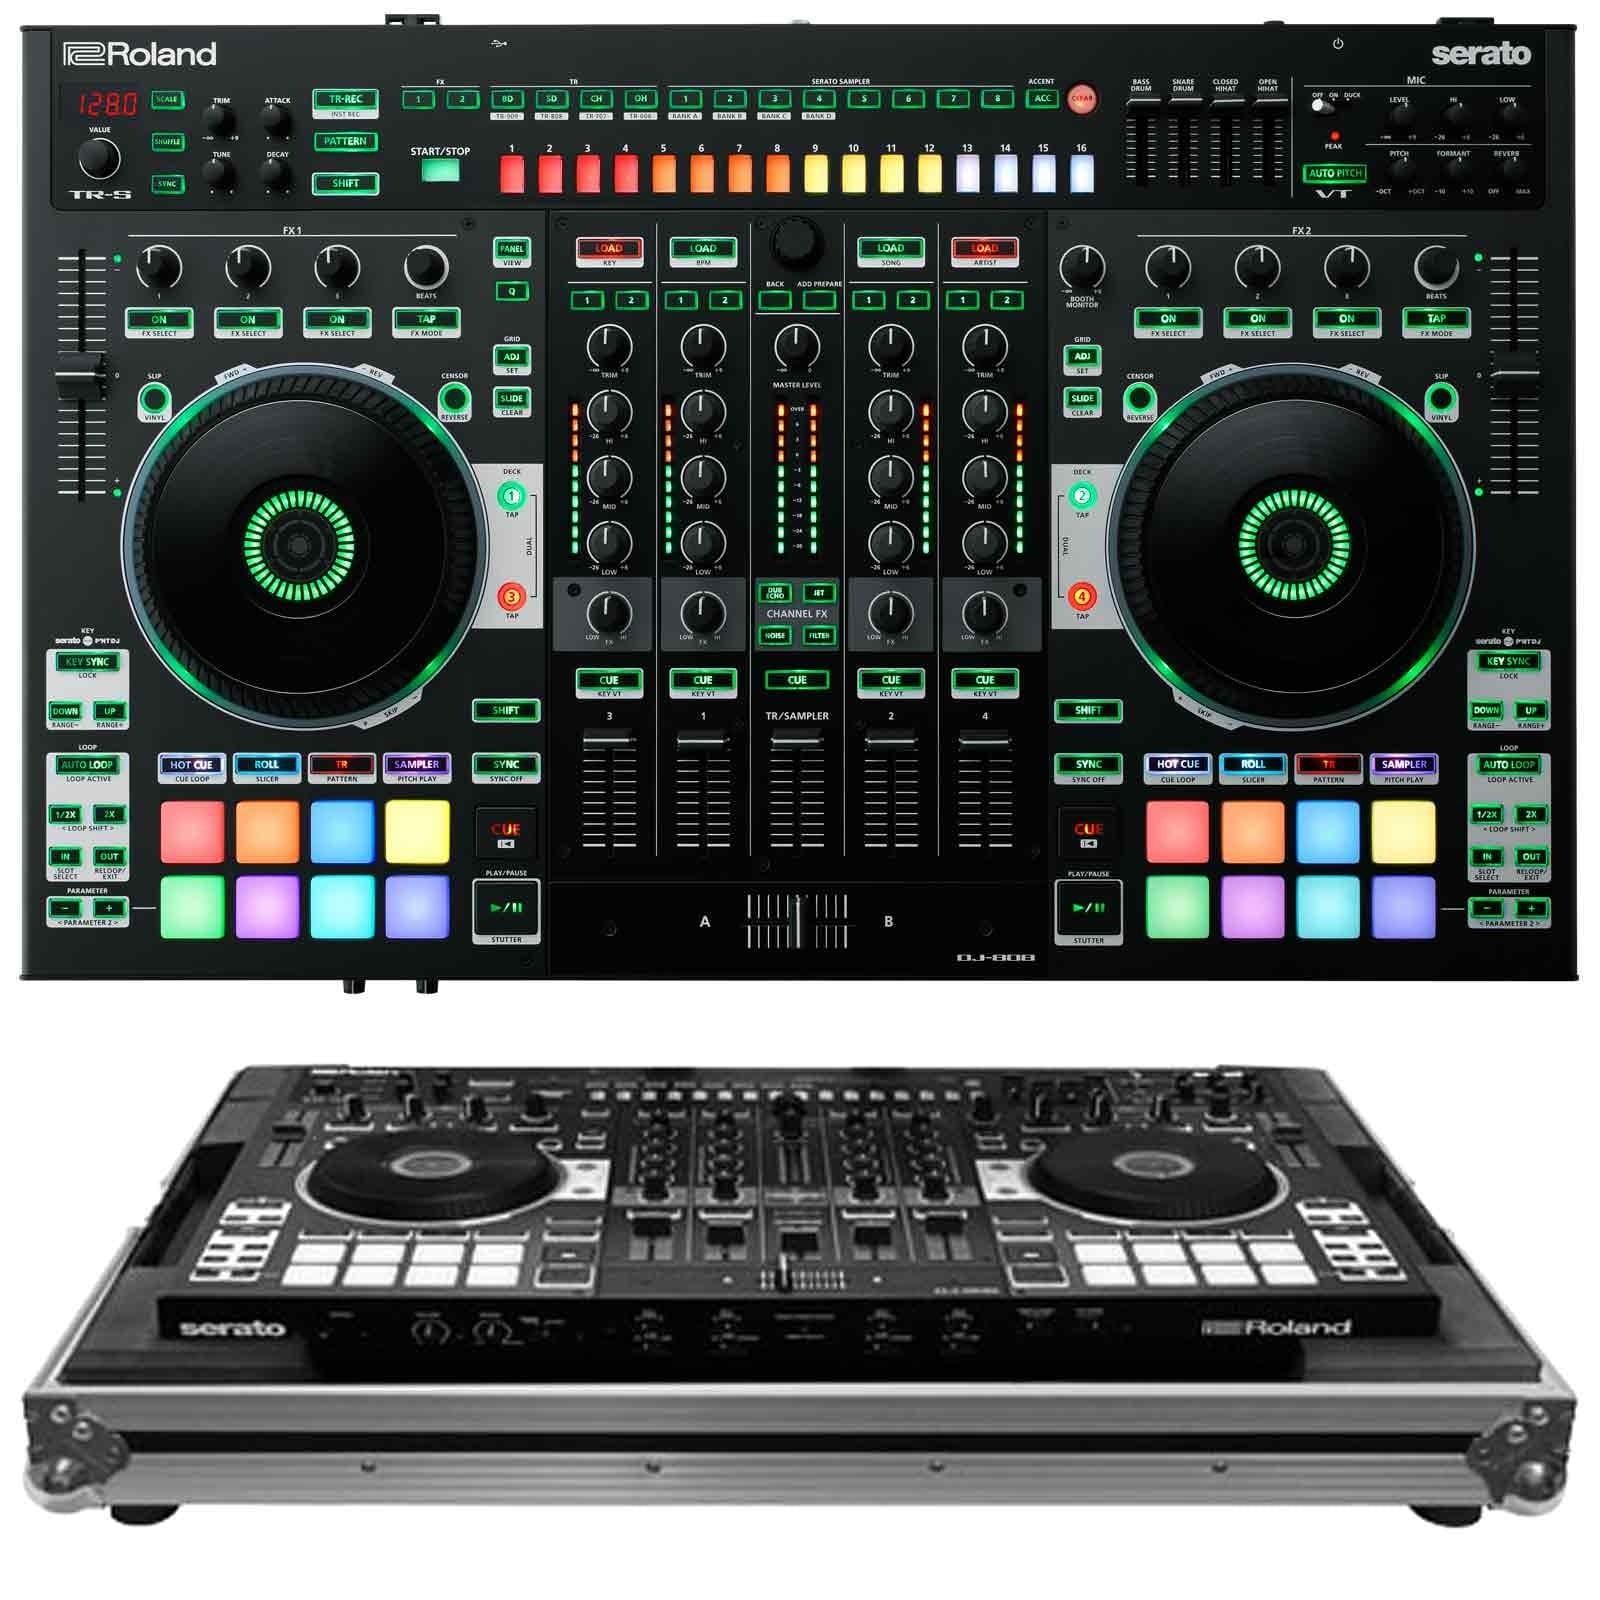 roland-dj-808-4-channel-mixer-dj-controller-with-odyssey-fzrodj808-flight-zone-low-profile-case-.jpg